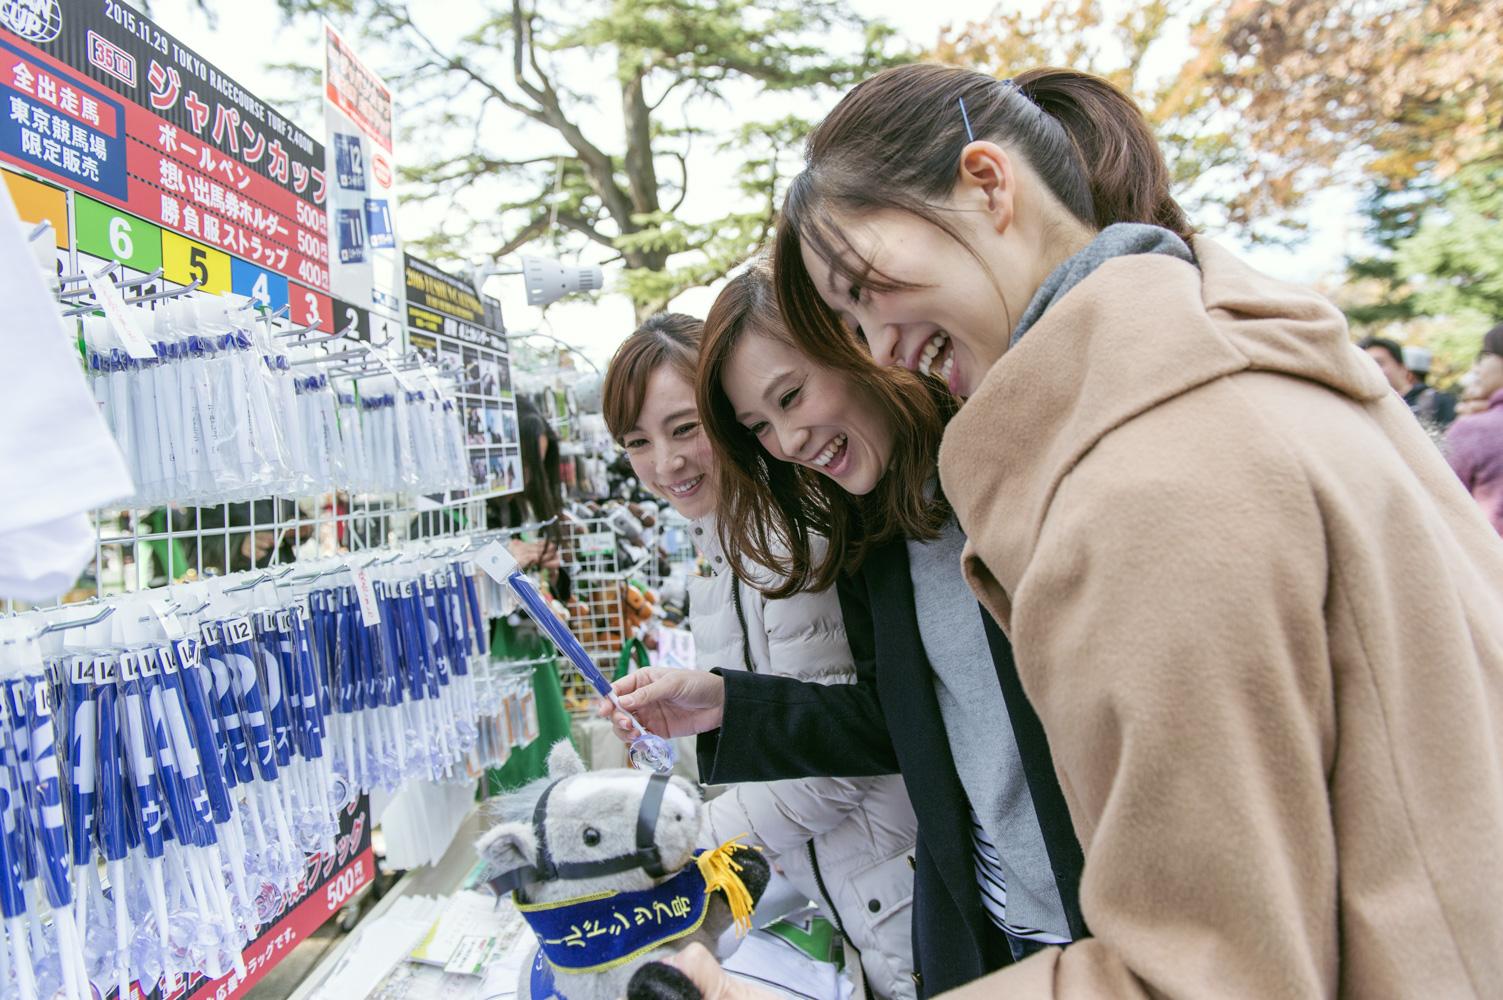 ジャパンカップグッズ売り場でお土産を選ぶのは、奥から大谷朋子さん、大谷慶子さん、高木さん。